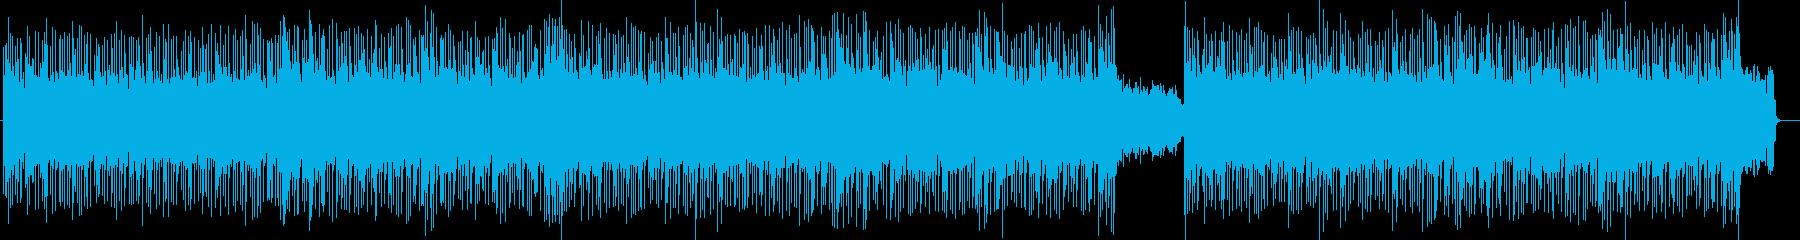 サイケでダンサブルなギターポップの再生済みの波形